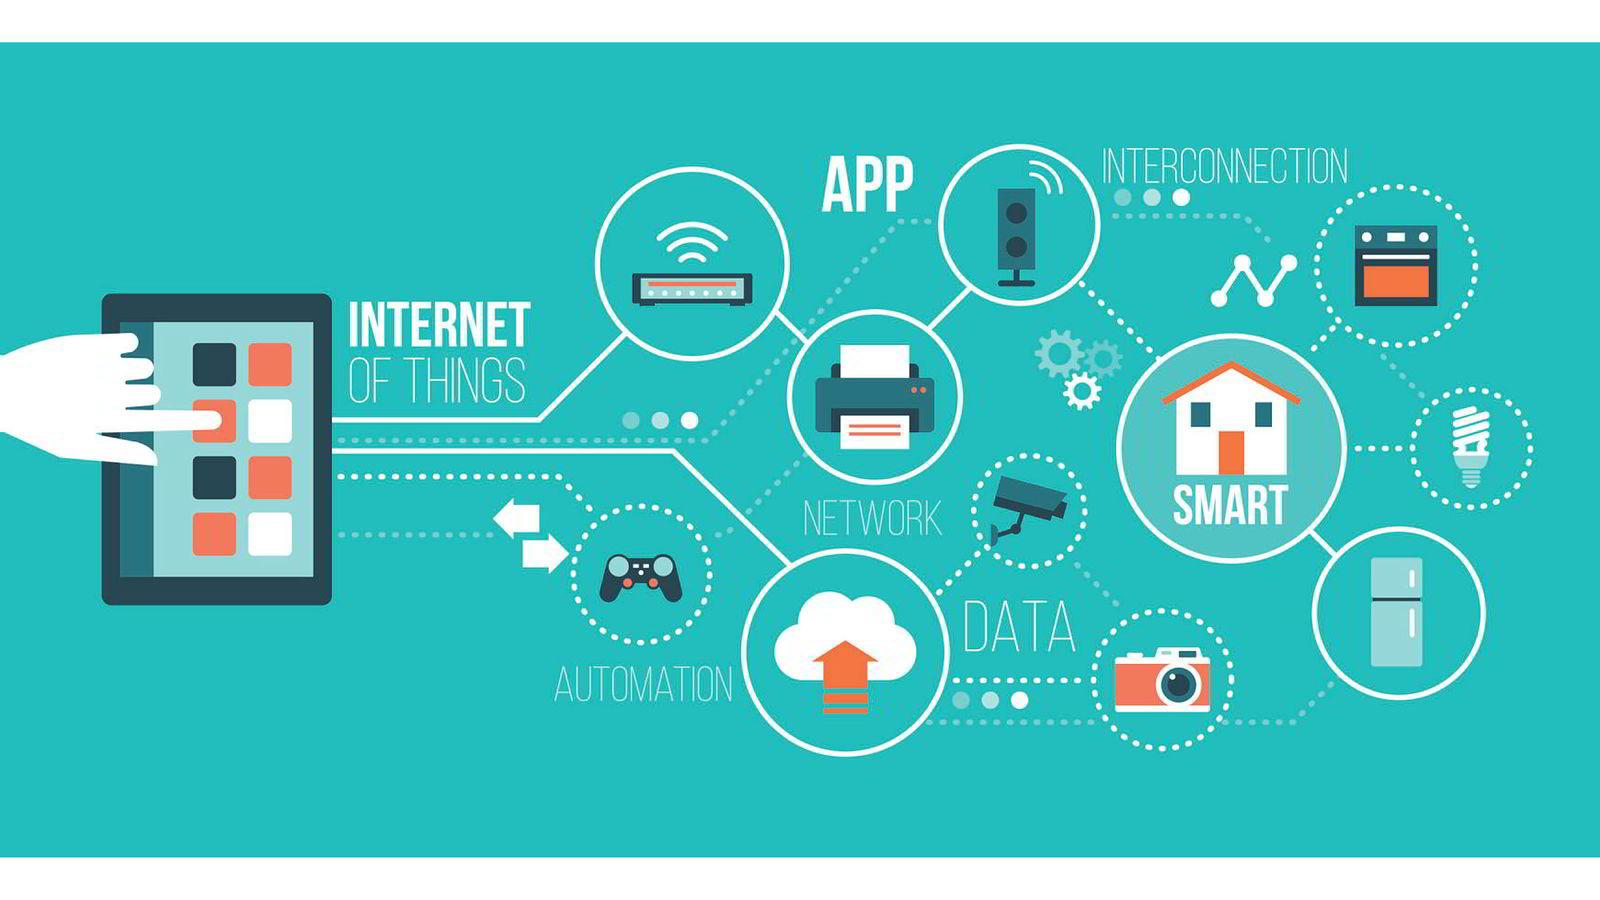 Når produktene kobles til nett, endres også produktet til å være en miks av hardware, programvare, data og service. Og når produktet endrer seg, må også sikkerheten ivaretas og tilpasses gjennom kontinuerlige oppdateringer og tilpasninger.